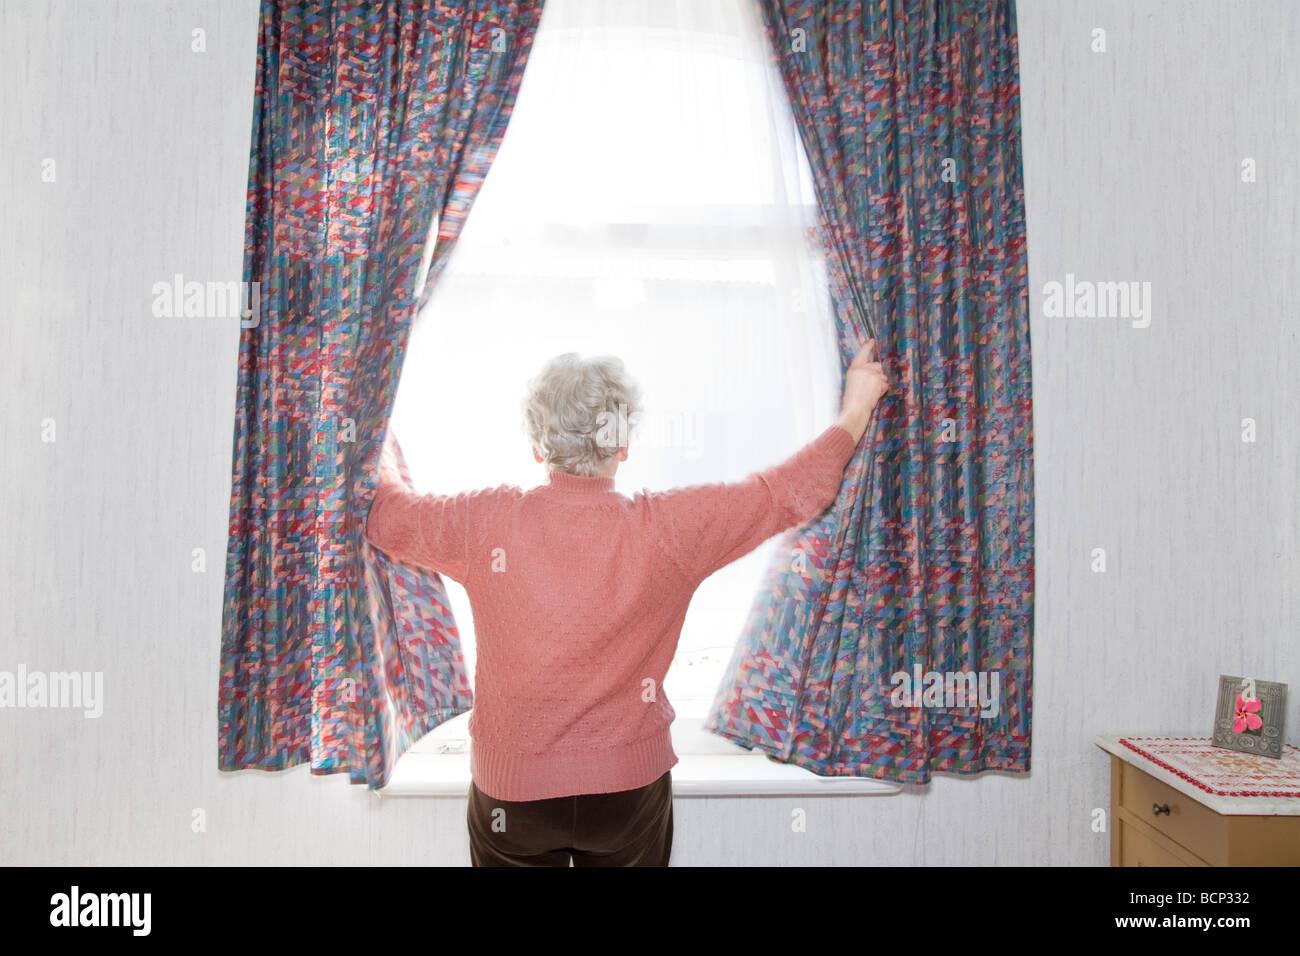 Frau in ihren Siebzigern steht morgens am Fenster und zieht die Vorhänge zur Seite - Stock Image